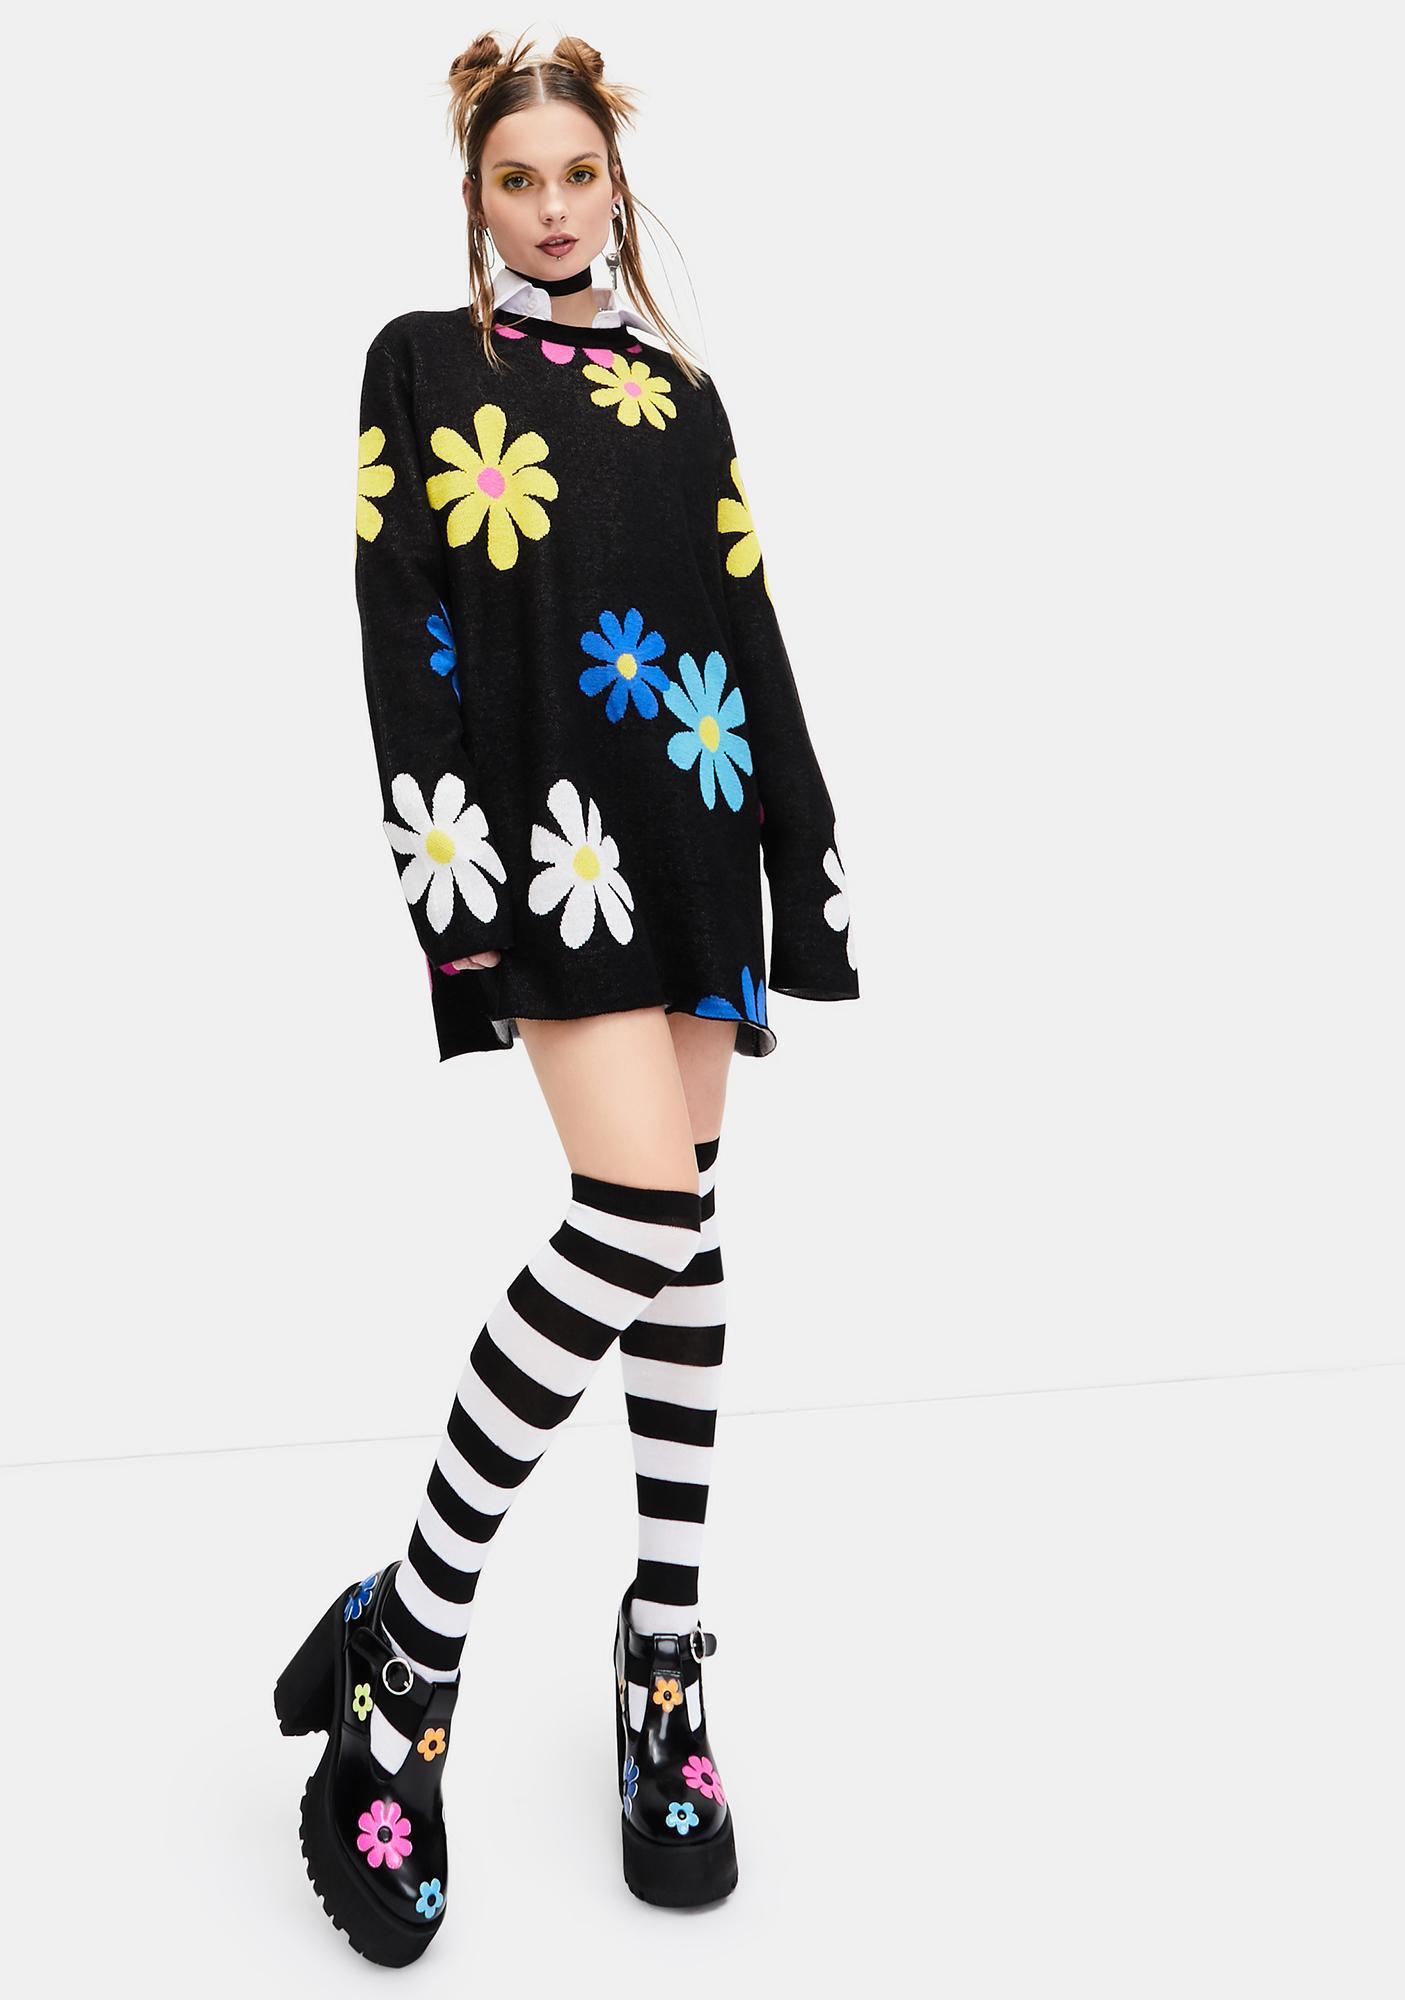 dELiA*s by Dolls Kill Flower Power Intarsia Sweater